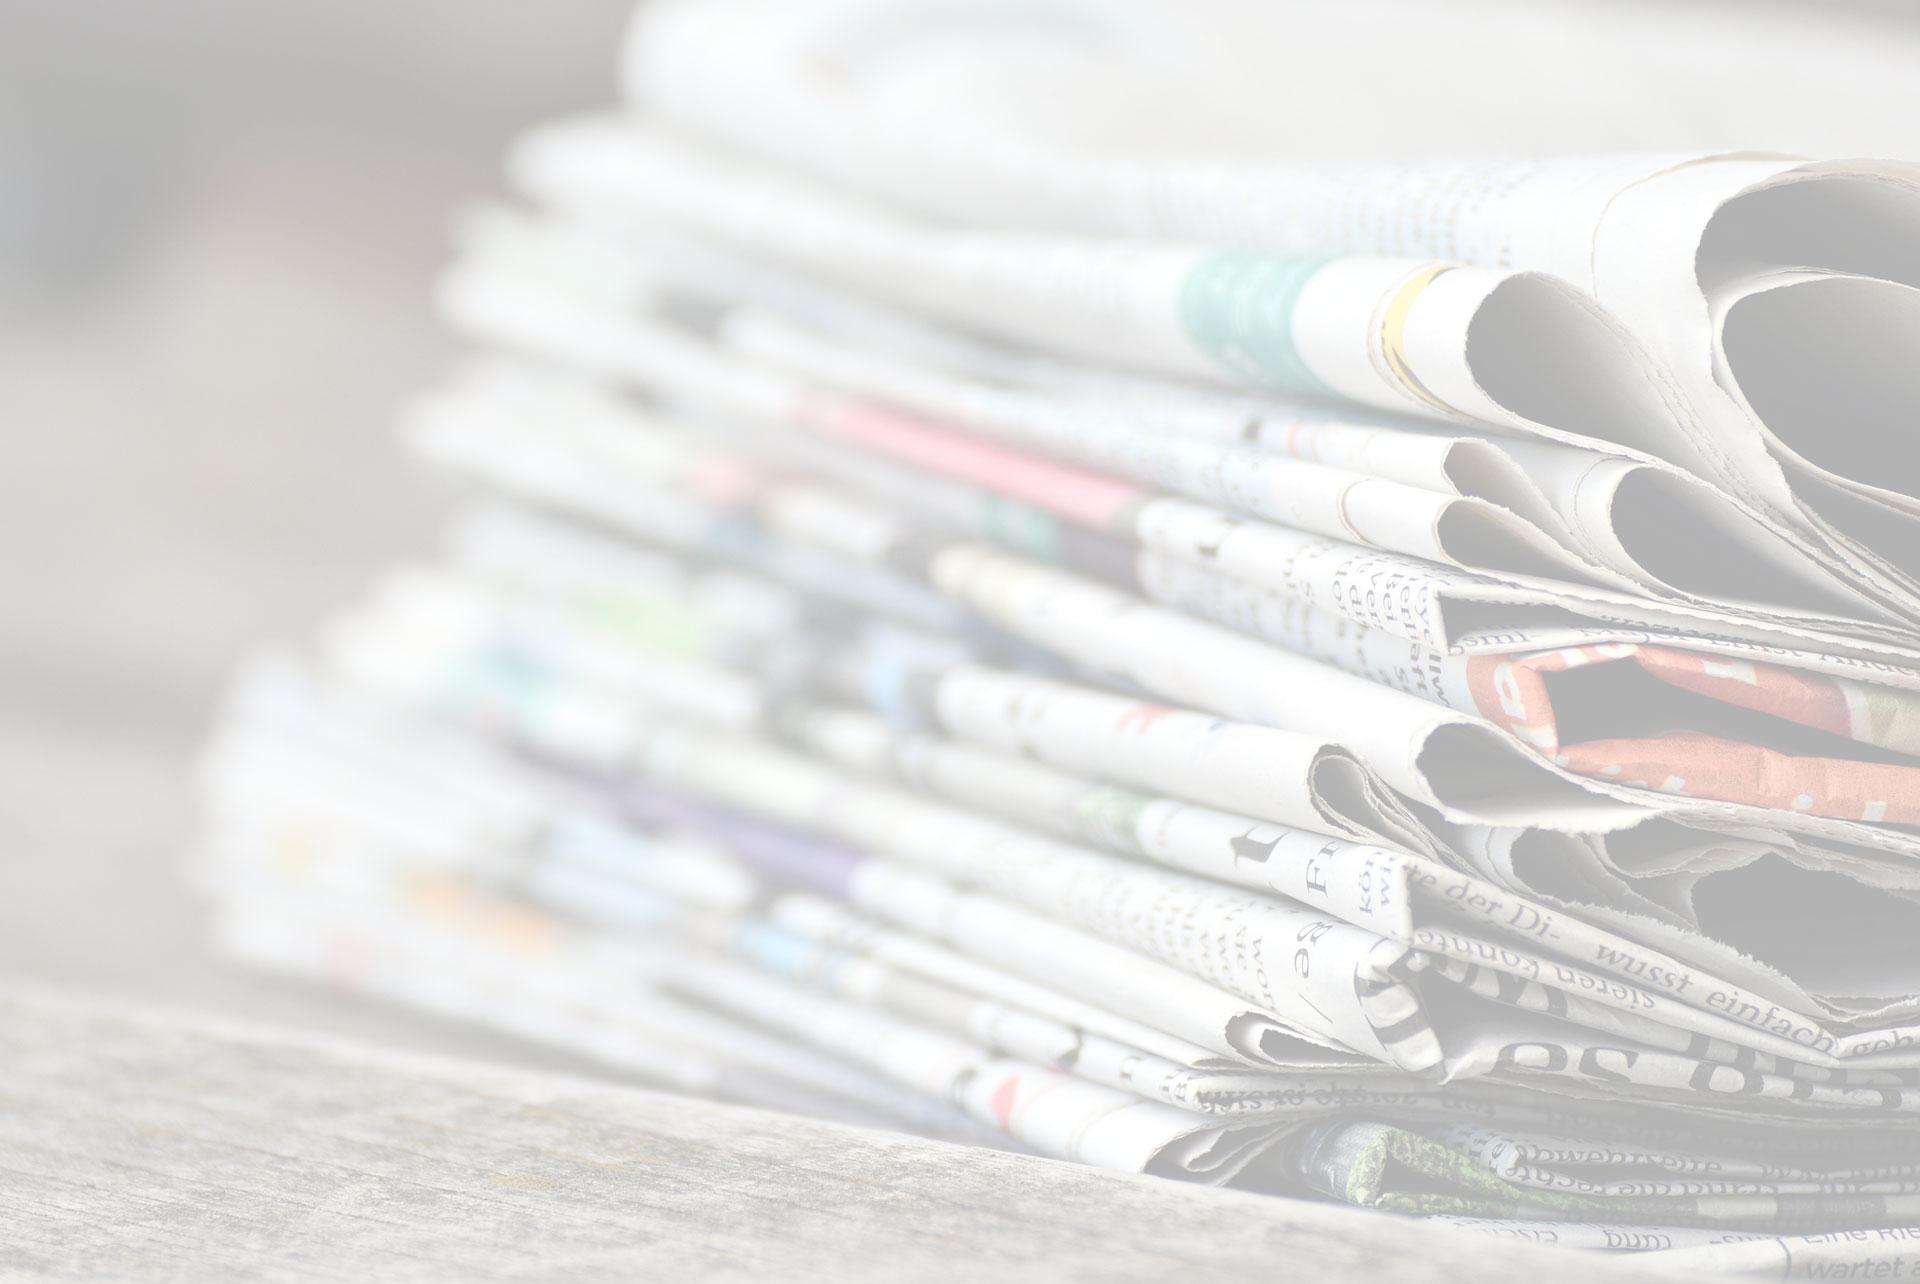 Abiym Ahmed Ali